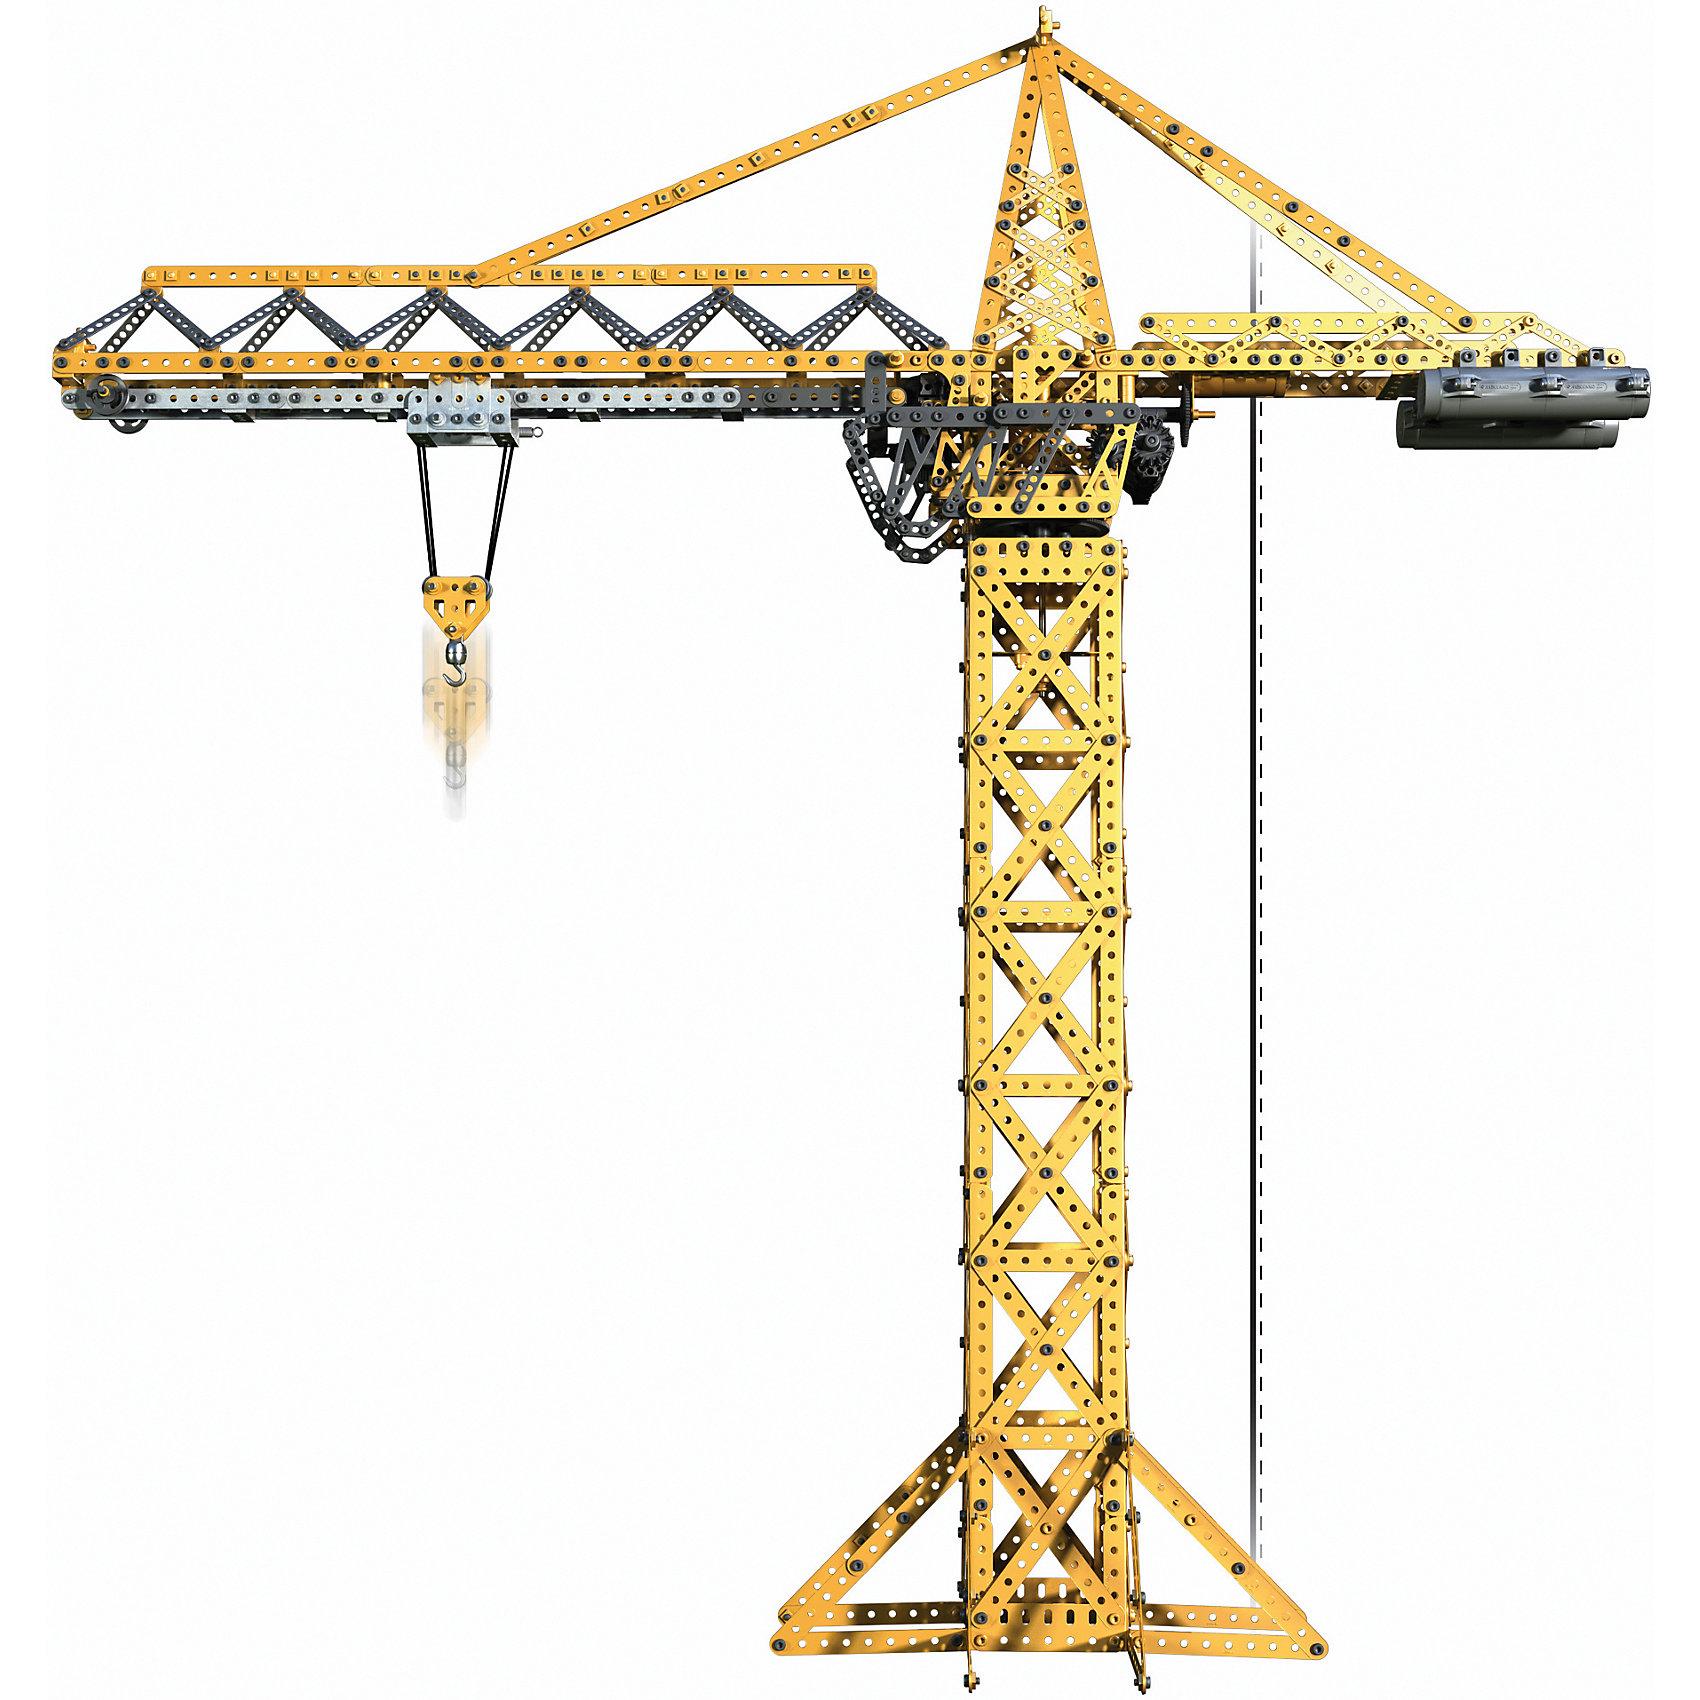 Строительный кран, MeccanoМеталлические конструкторы<br>Основная модель этого набора - кран. Он оборудован тремя моторами, обеспечивающими движение крана во всех плоскостях, благодаря чему, он может выполнять все функции настоящего строительного крана. При этом, он имеет подсветку, которую можно программировать по своему желанию. Конструктор Meccano увлекает не только сборкой, но и последующей эксплуатацией и игрой с ним, благодаря возможности конструировать огромное разнообразие моделей и богатому функционалу. Его захочет иметь в своей коллекции не только ребенок, но и взрослый. Каждый конструктор имеет набор необходимых инструментов, удобных в использовании, и подробную инструкцию, разработанную таким образом, чтобы он была максимально понятна для детей.<br><br><br>Дополнительная информация:<br><br>- Материал: металл.<br>- Размер упаковки: 50х38х10 см.<br>- Размер крана: 93х32х96 см. <br>- Комплектация:  1741 деталь, пульт, 3 мотора, 3 светодиода, инструменты для сборки. <br>- Количество деталей: 1989.<br>- Элемент питания: 4 С батарейки,  3 ААА батарейки (в комплекте нет).<br><br>Строительный кран, Meccano (Меккано), можно купить в нашем магазине.<br><br>Ширина мм: 500<br>Глубина мм: 383<br>Высота мм: 111<br>Вес г: 5555<br>Возраст от месяцев: 120<br>Возраст до месяцев: 192<br>Пол: Мужской<br>Возраст: Детский<br>SKU: 4278450